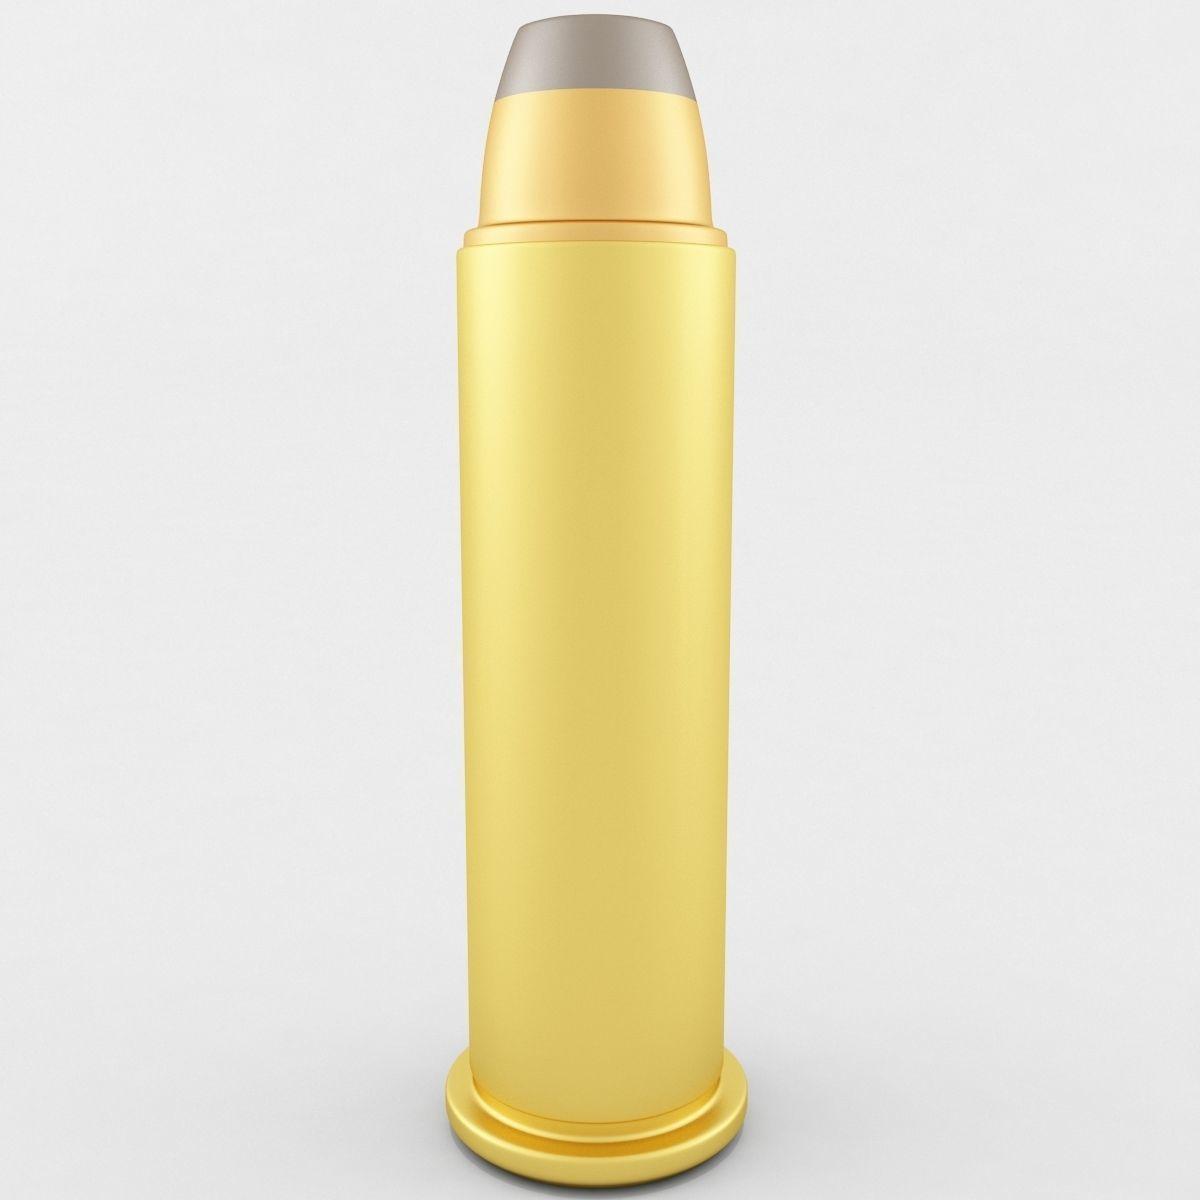 357 Magnum Cartridge